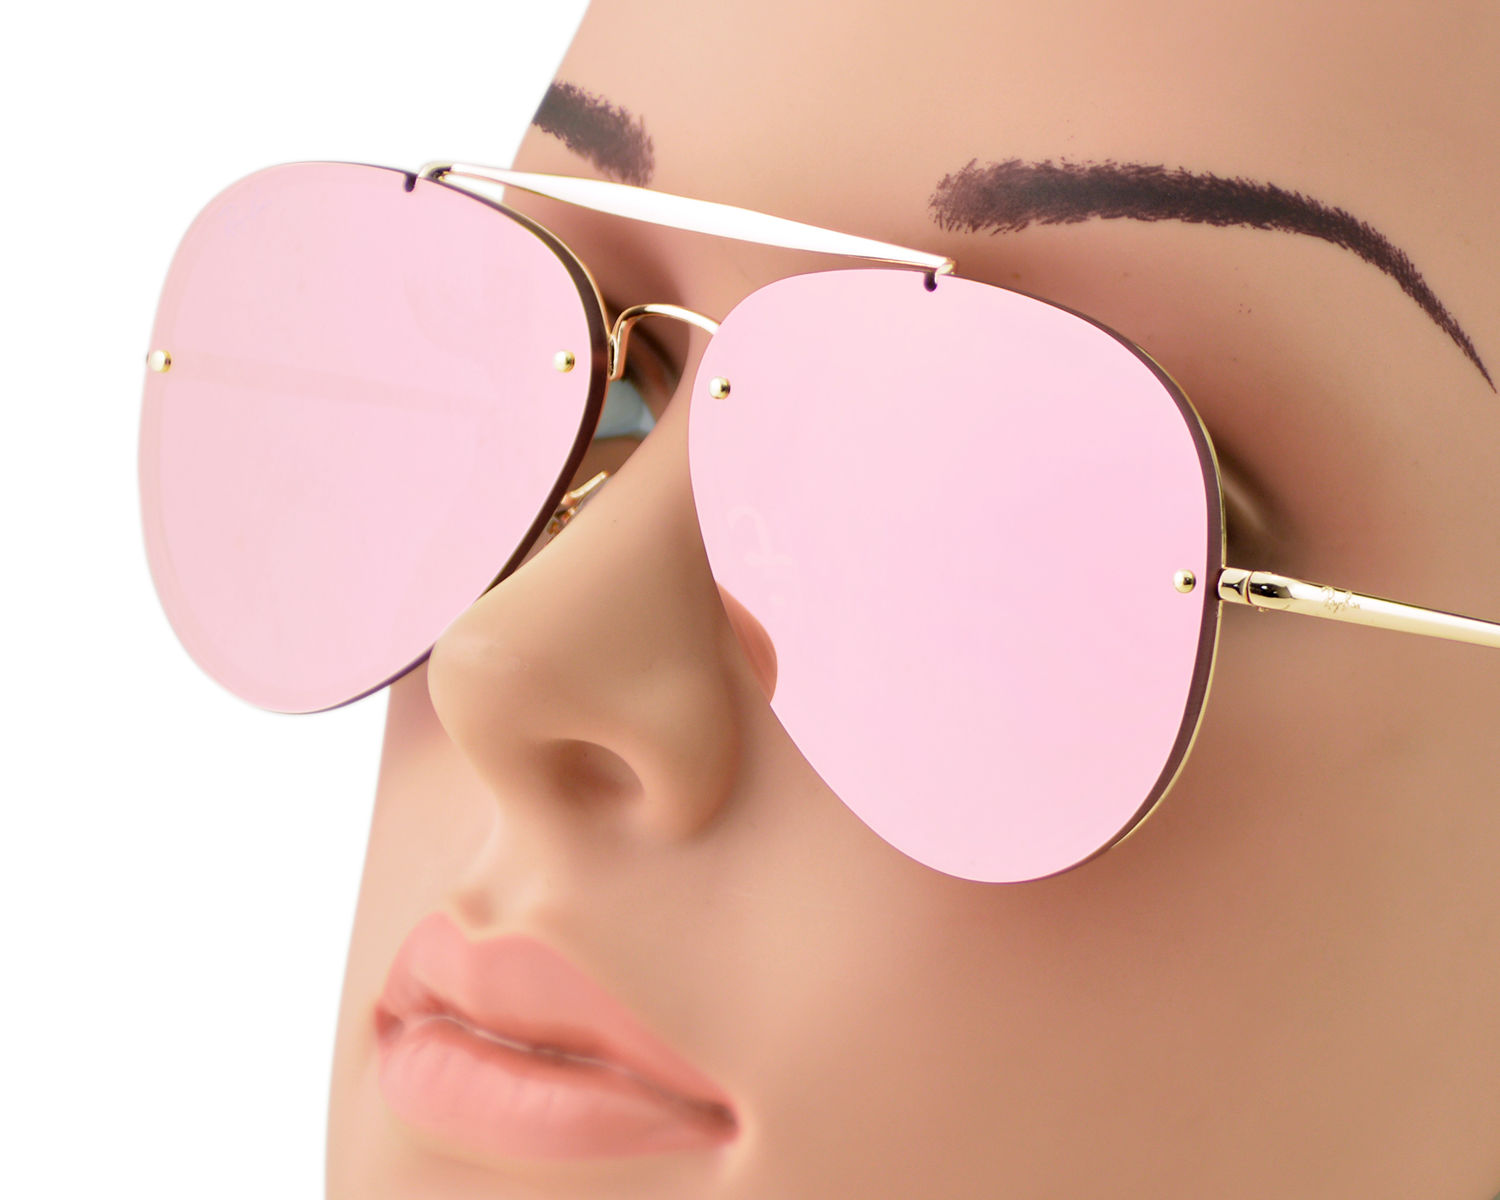 Ray-Ban RB3584N Blaze Aviator 9052 E4 Gold Frame Pink Mirror Lenses Unisex  Sunglasses 58mm aec2294e661d